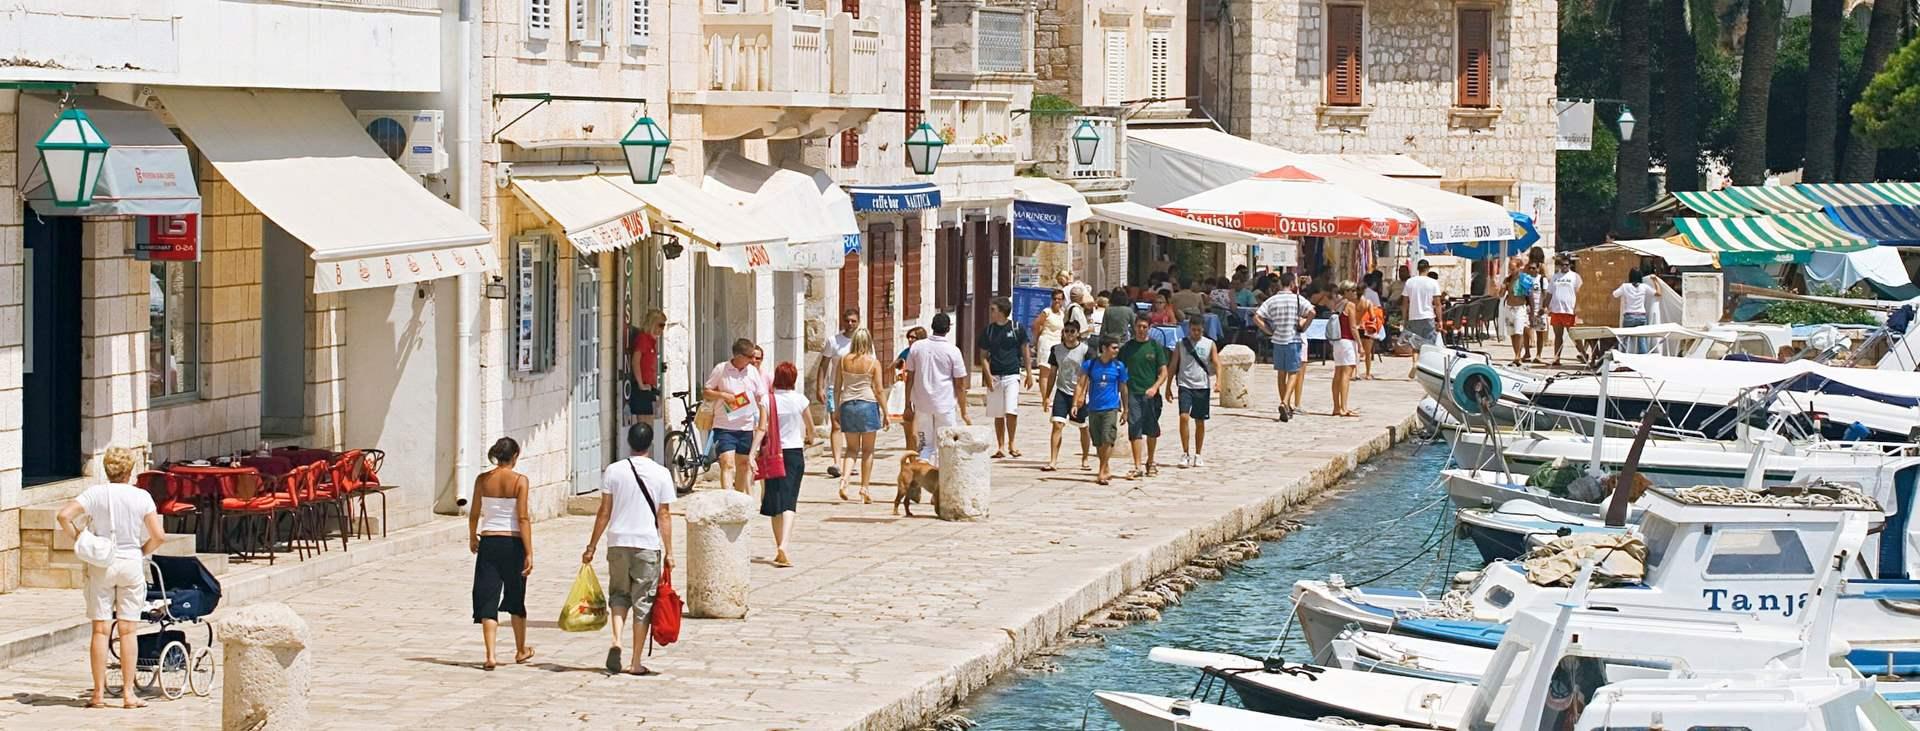 Reiser til Hvar i Kroatia